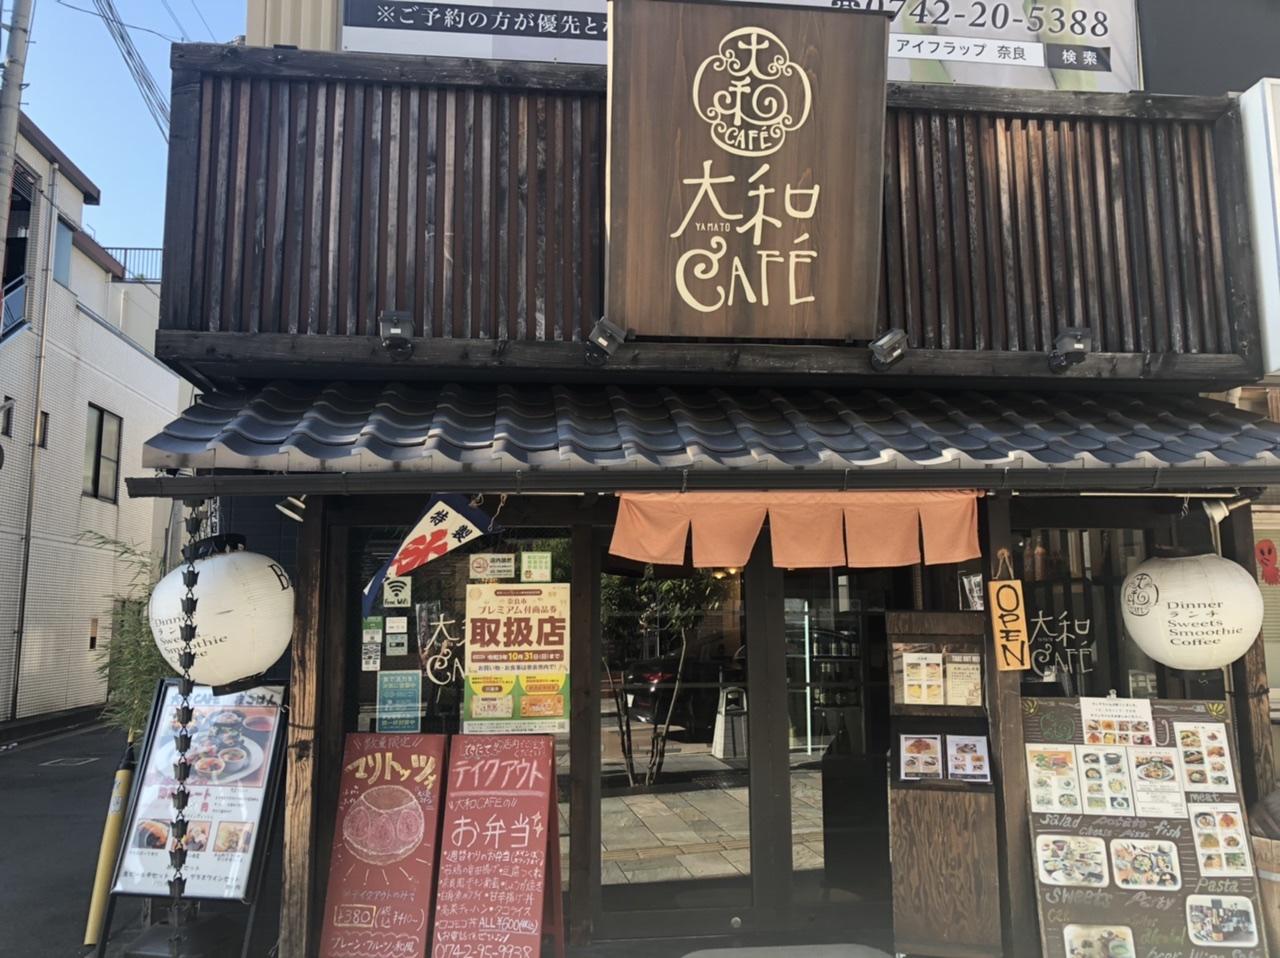 大和カフェさんの外観